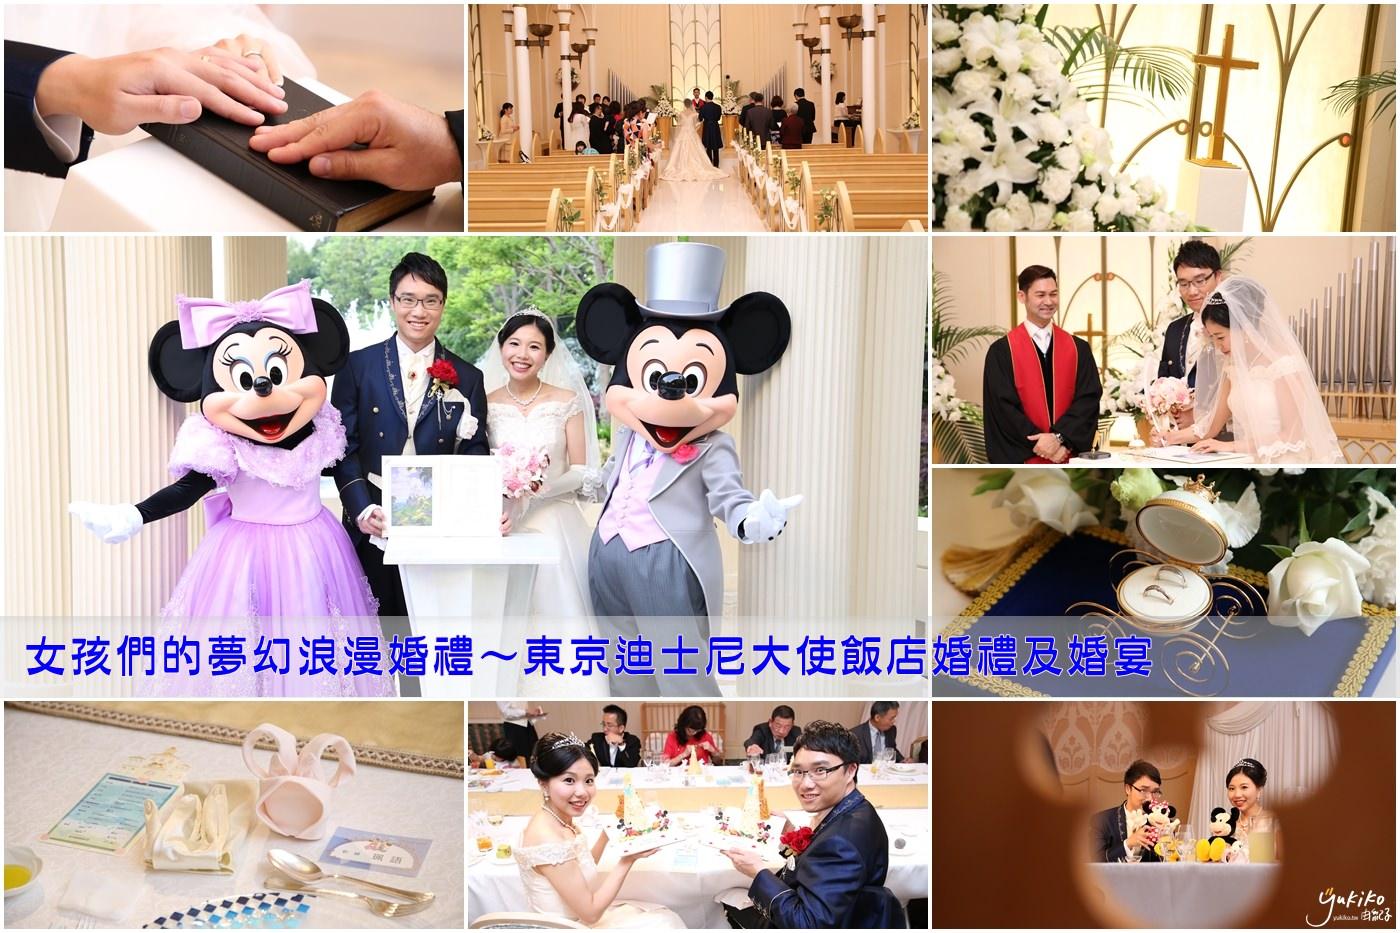 【東京迪士尼婚禮及婚宴】女孩們的迪士尼夢幻婚禮~♥